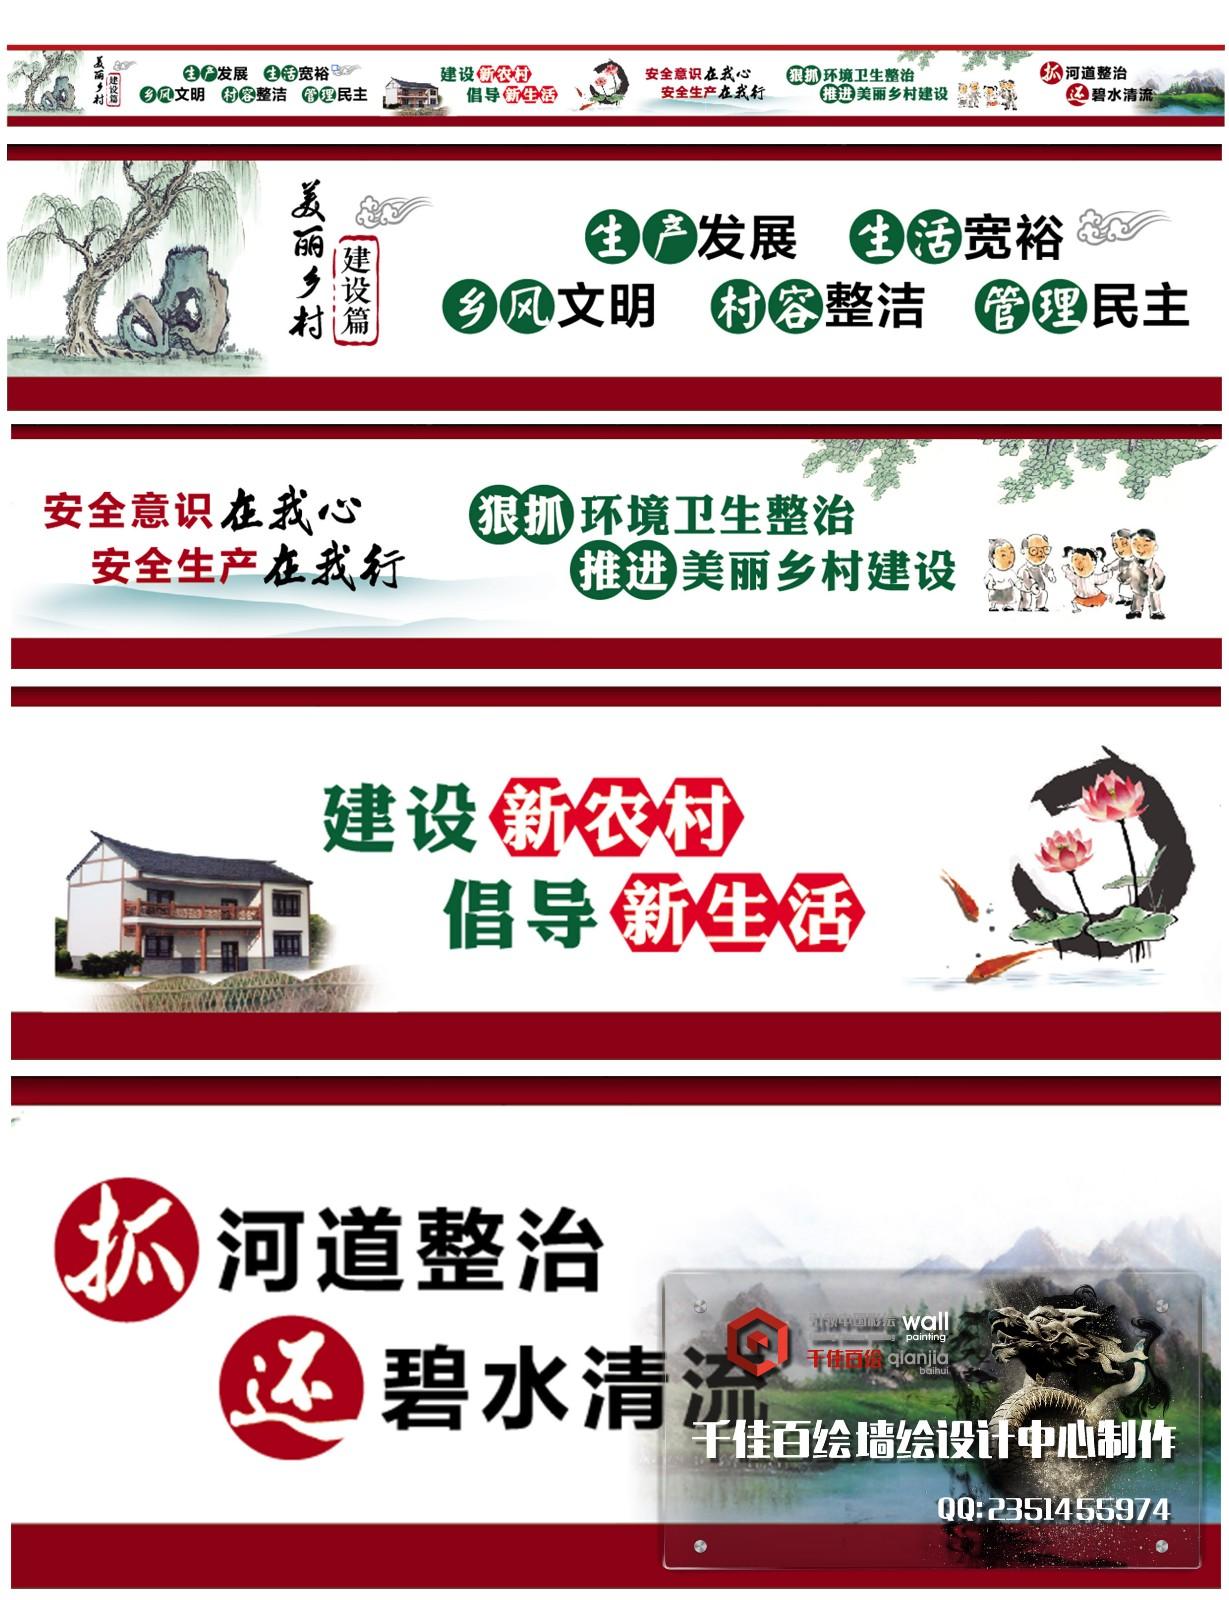 墙绘素材,党政建设文化墙,新农村文化墙素材,美丽乡村文化墙素材